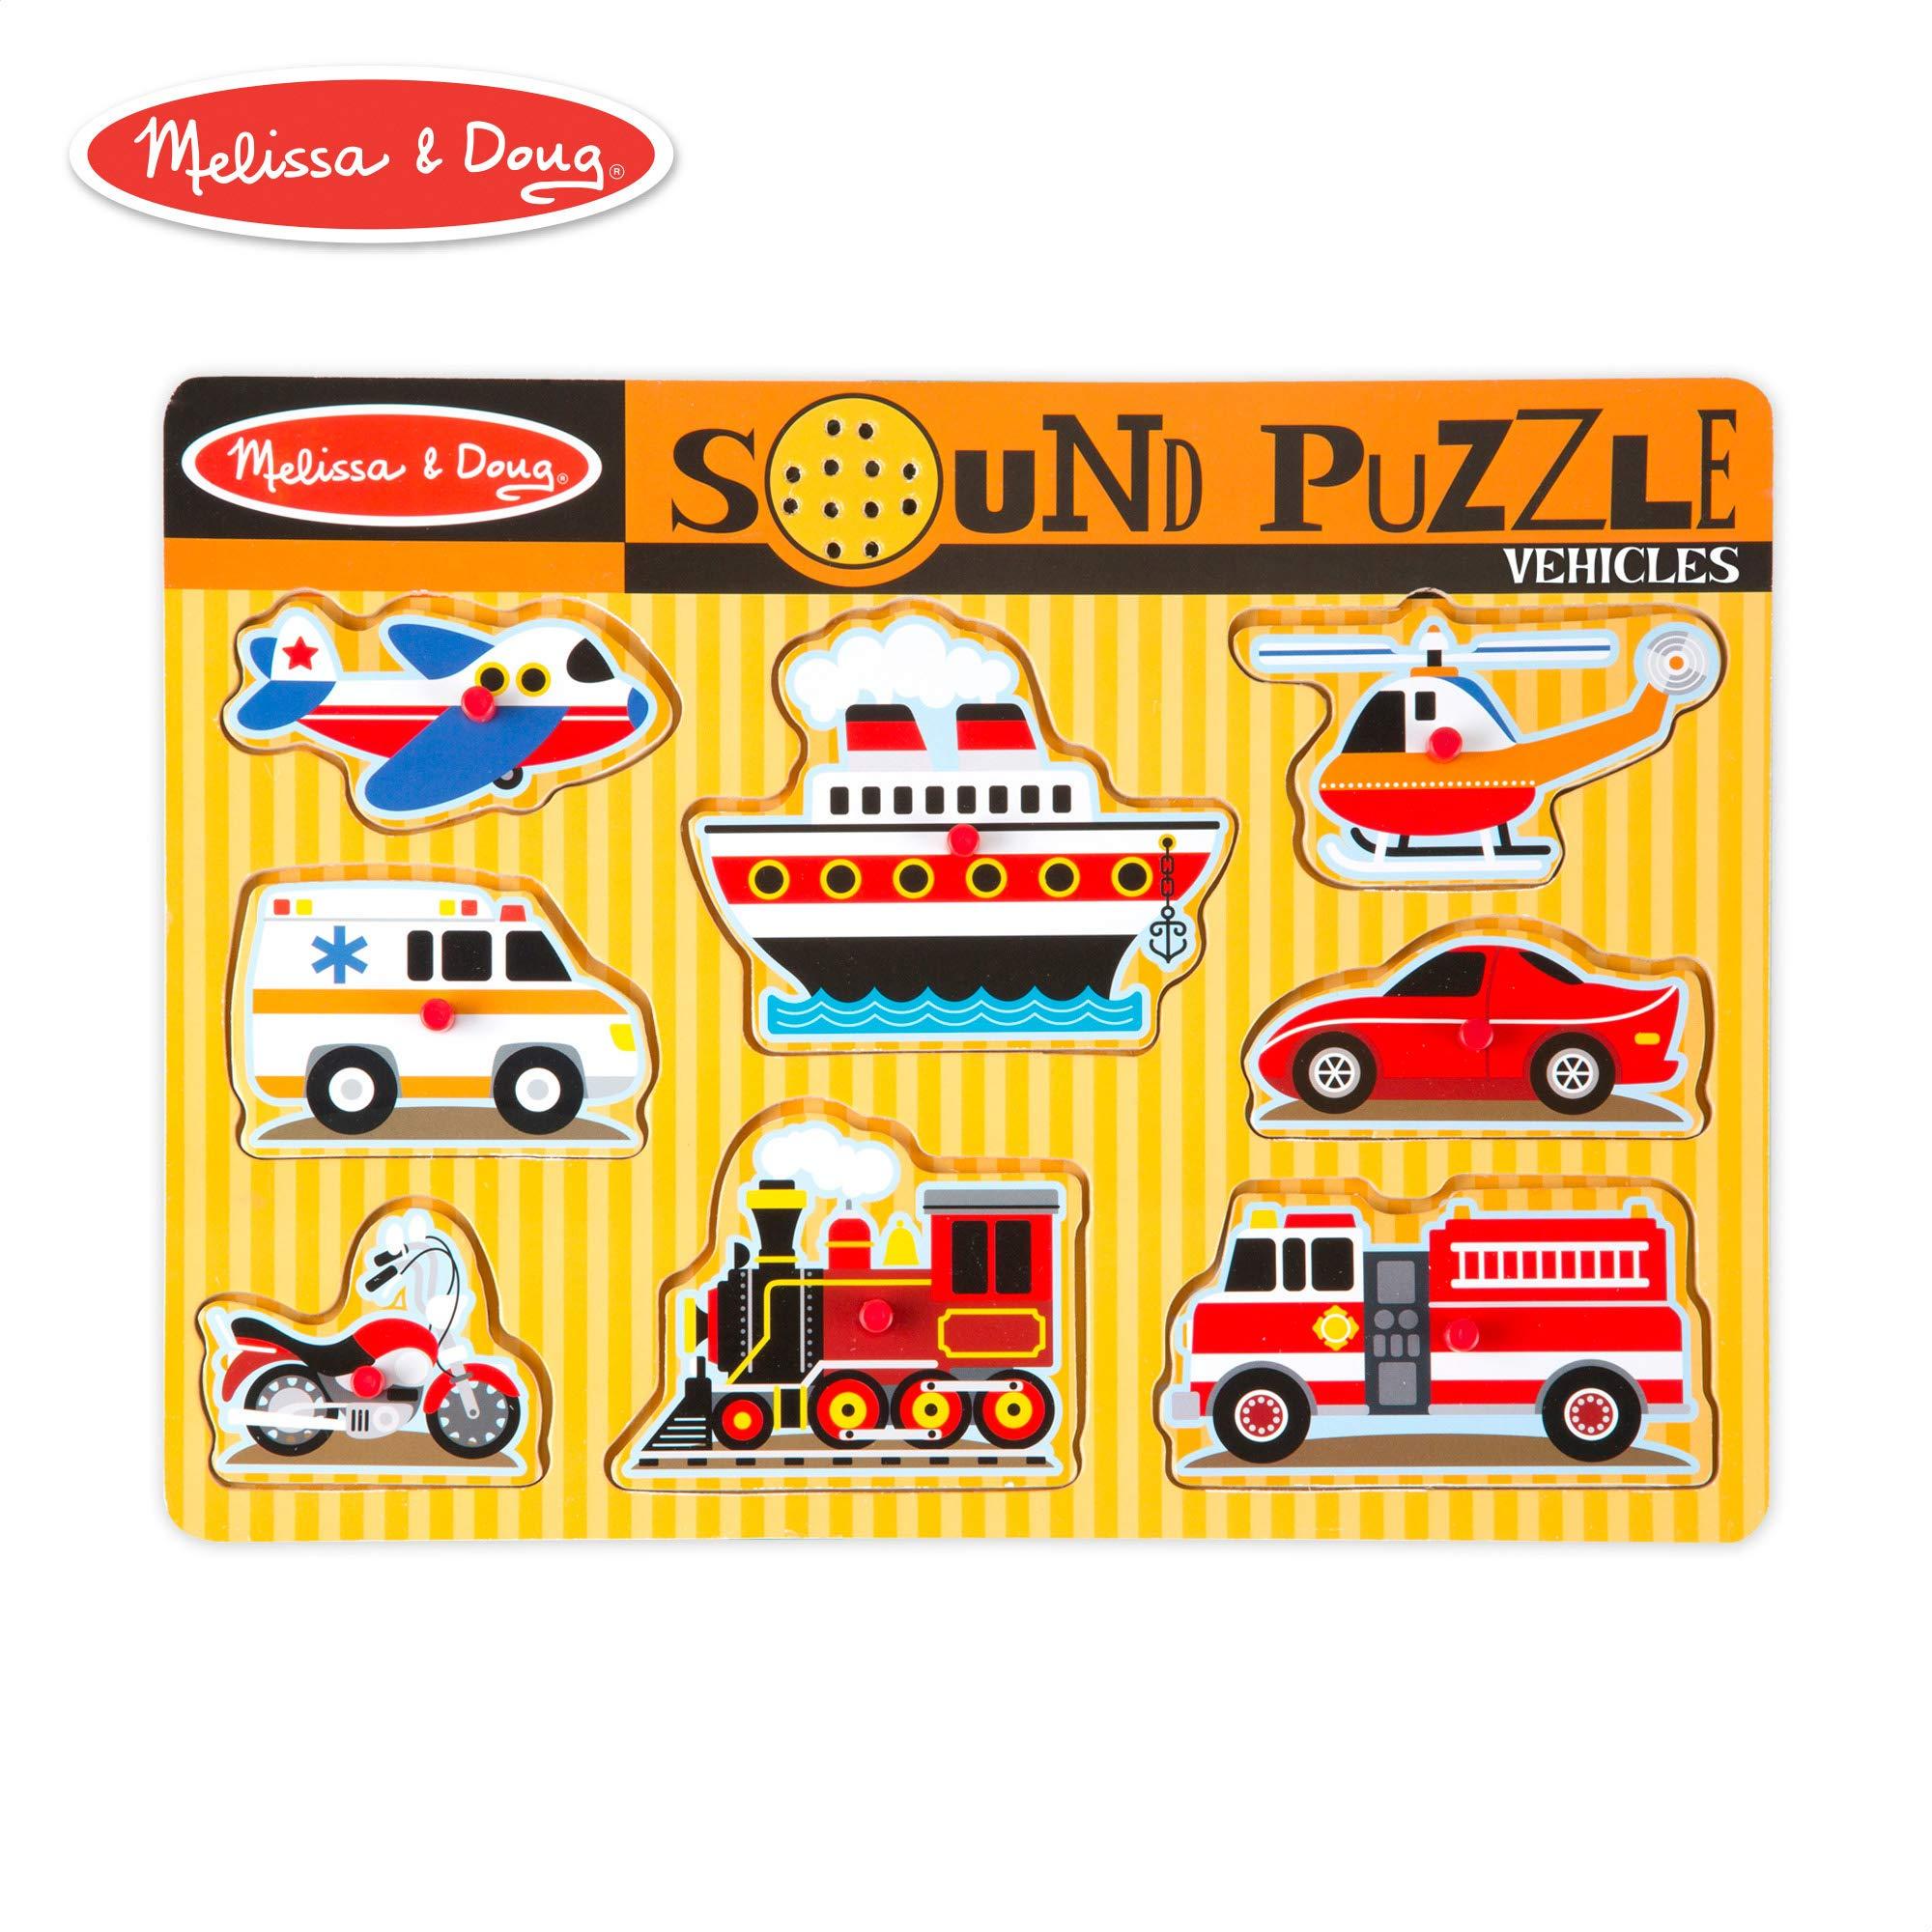 Melissa & Doug Vehicles Sound Puzzle (8 Pieces) by Melissa & Doug